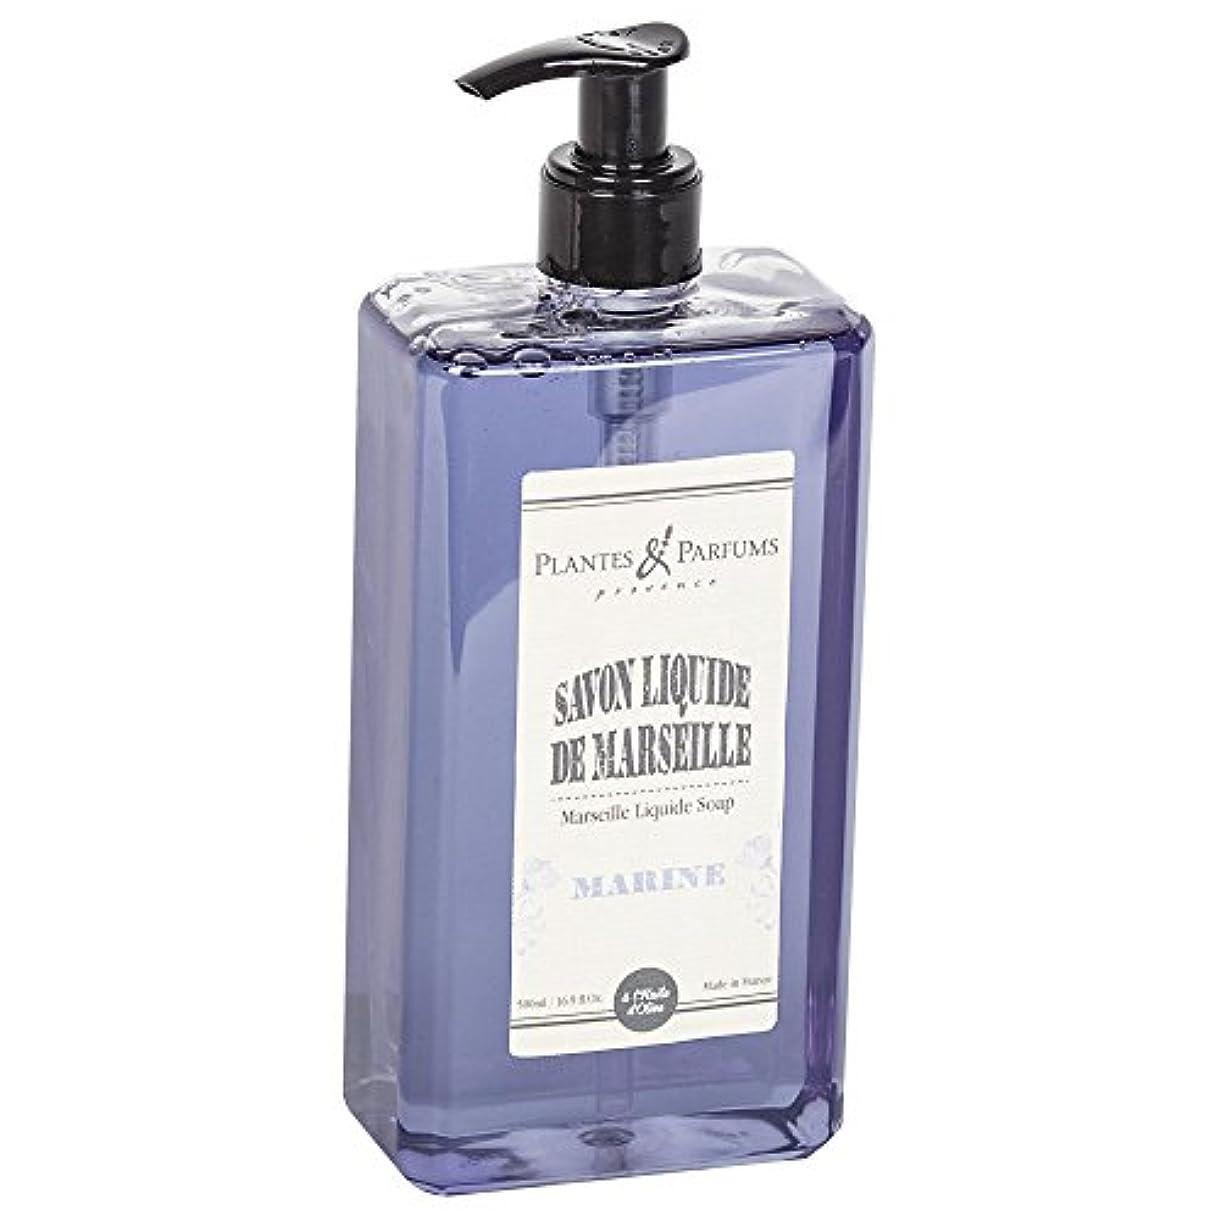 眉好き無効にするPlantes&Parfums [プランツ&パルファム] マルセイユリキッドソープ マリーン